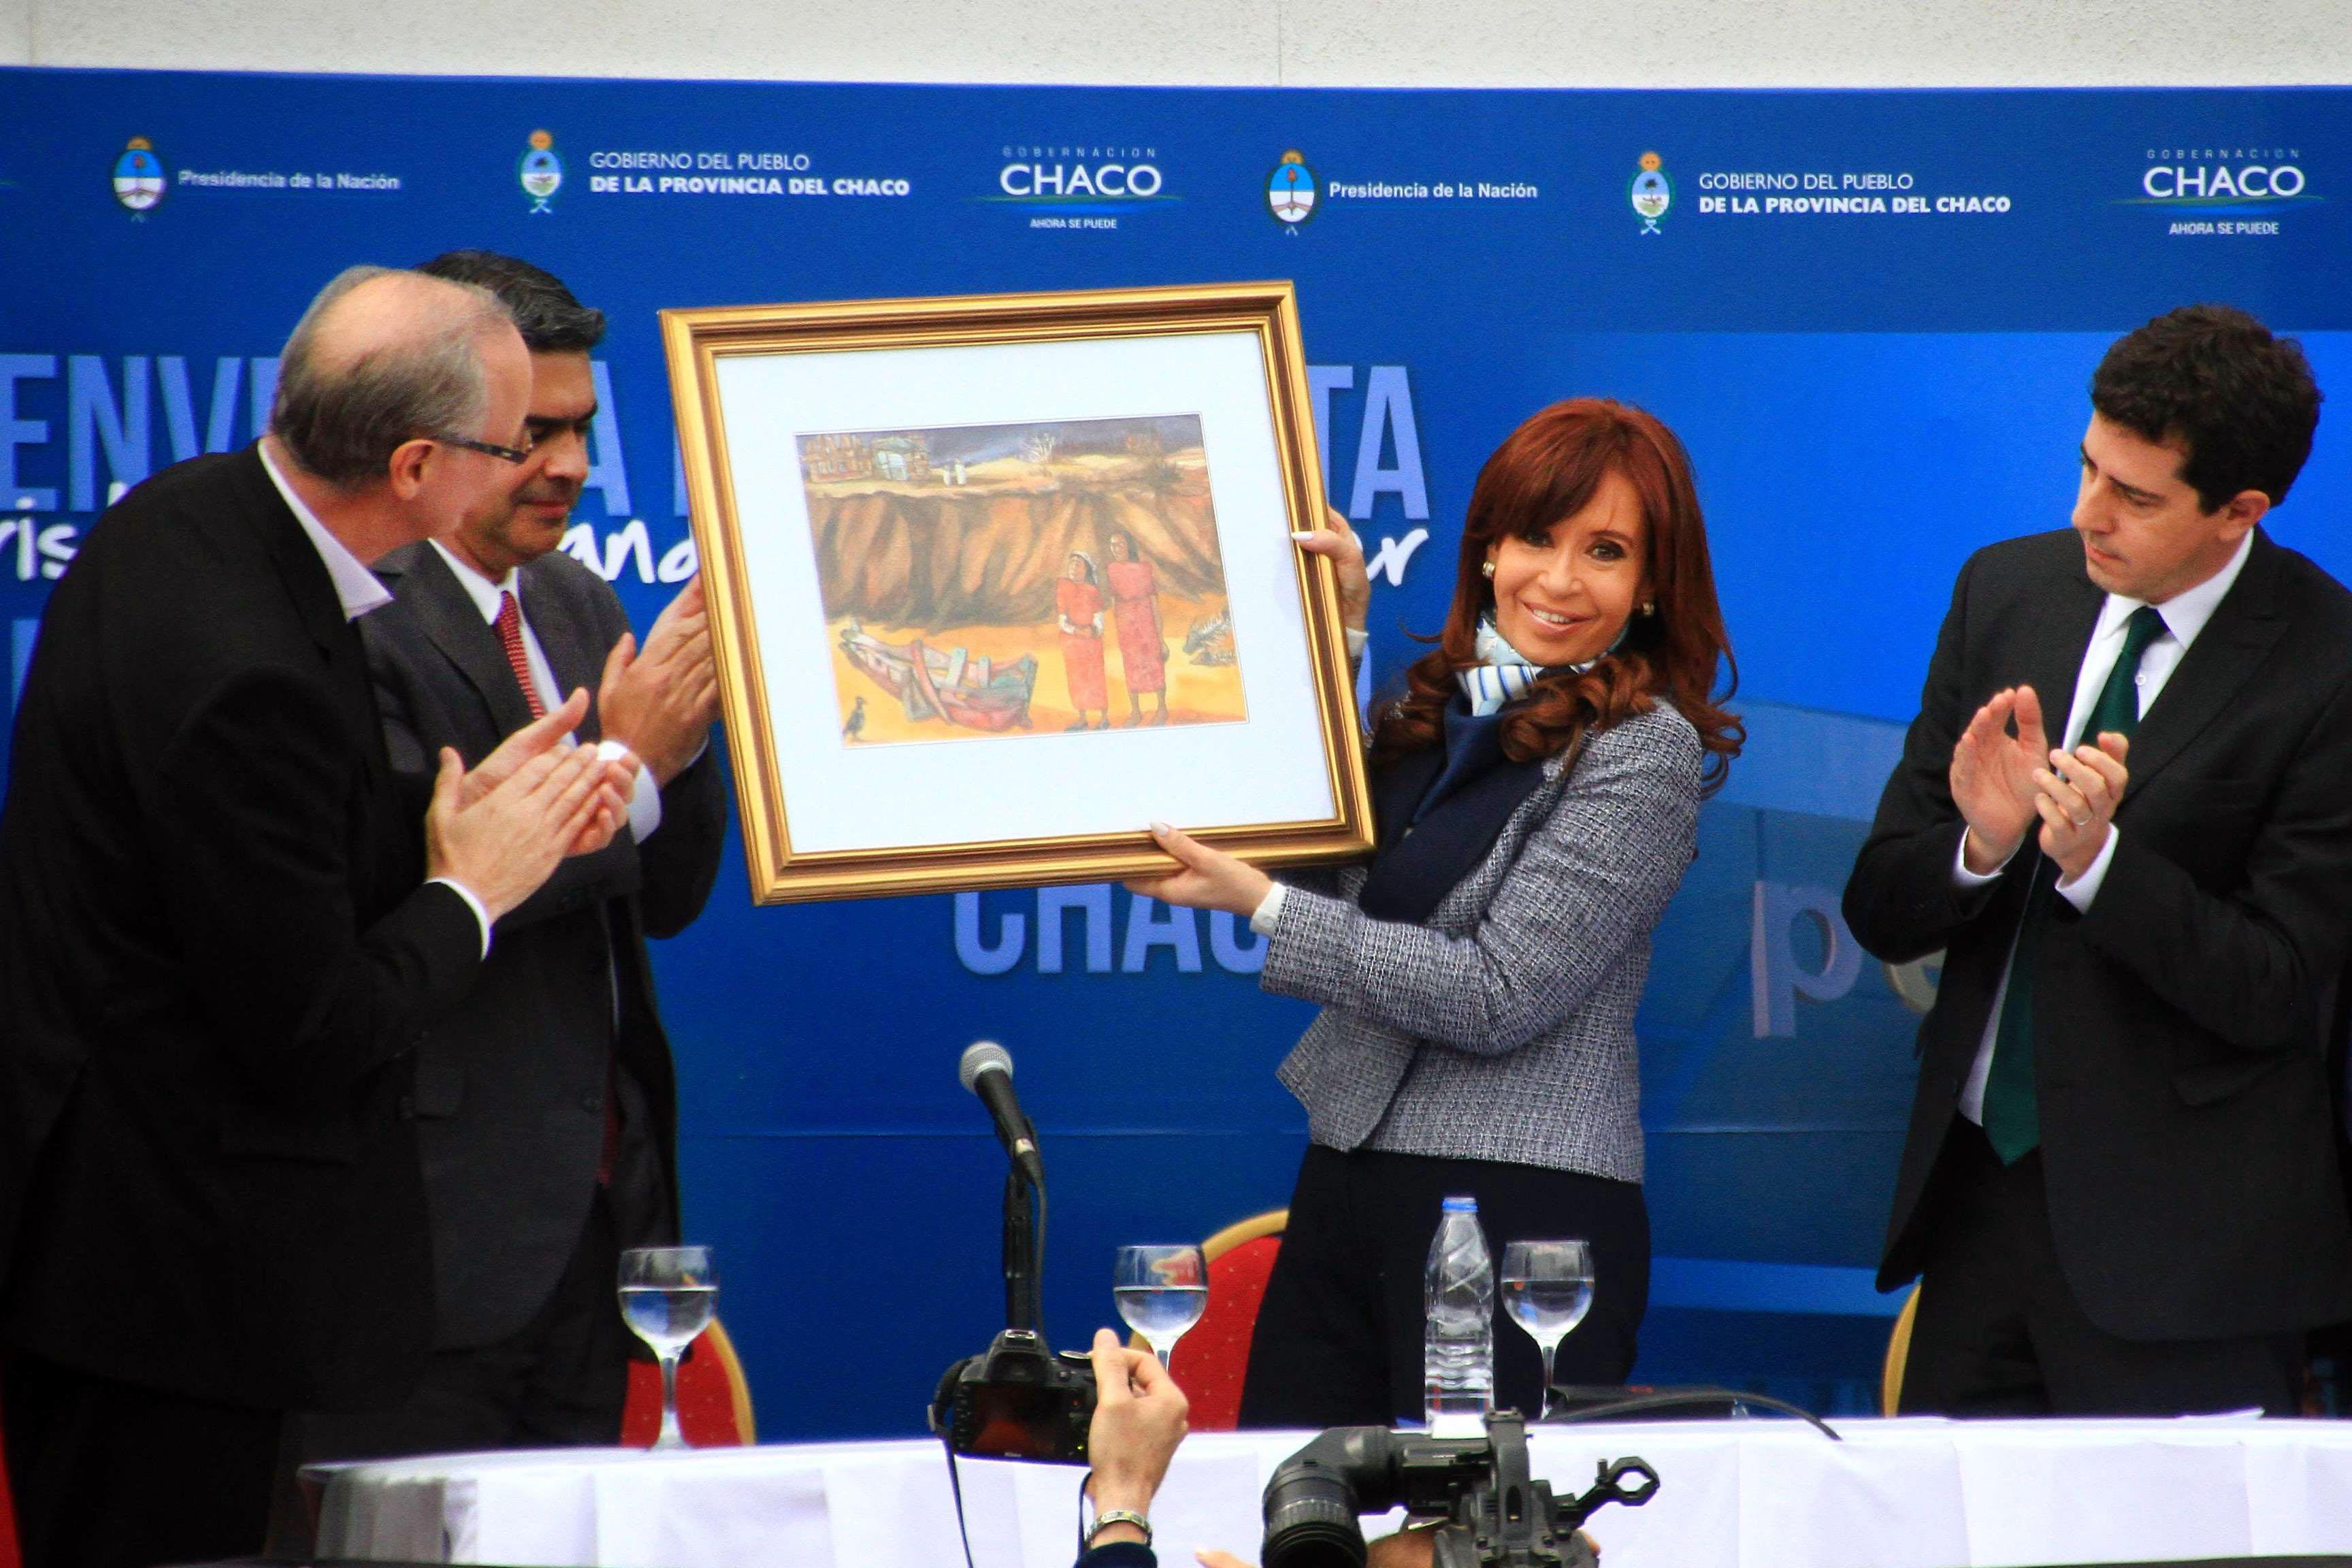 07-05-2015_resistencia_chaco_la_presidenta_cristina (3)